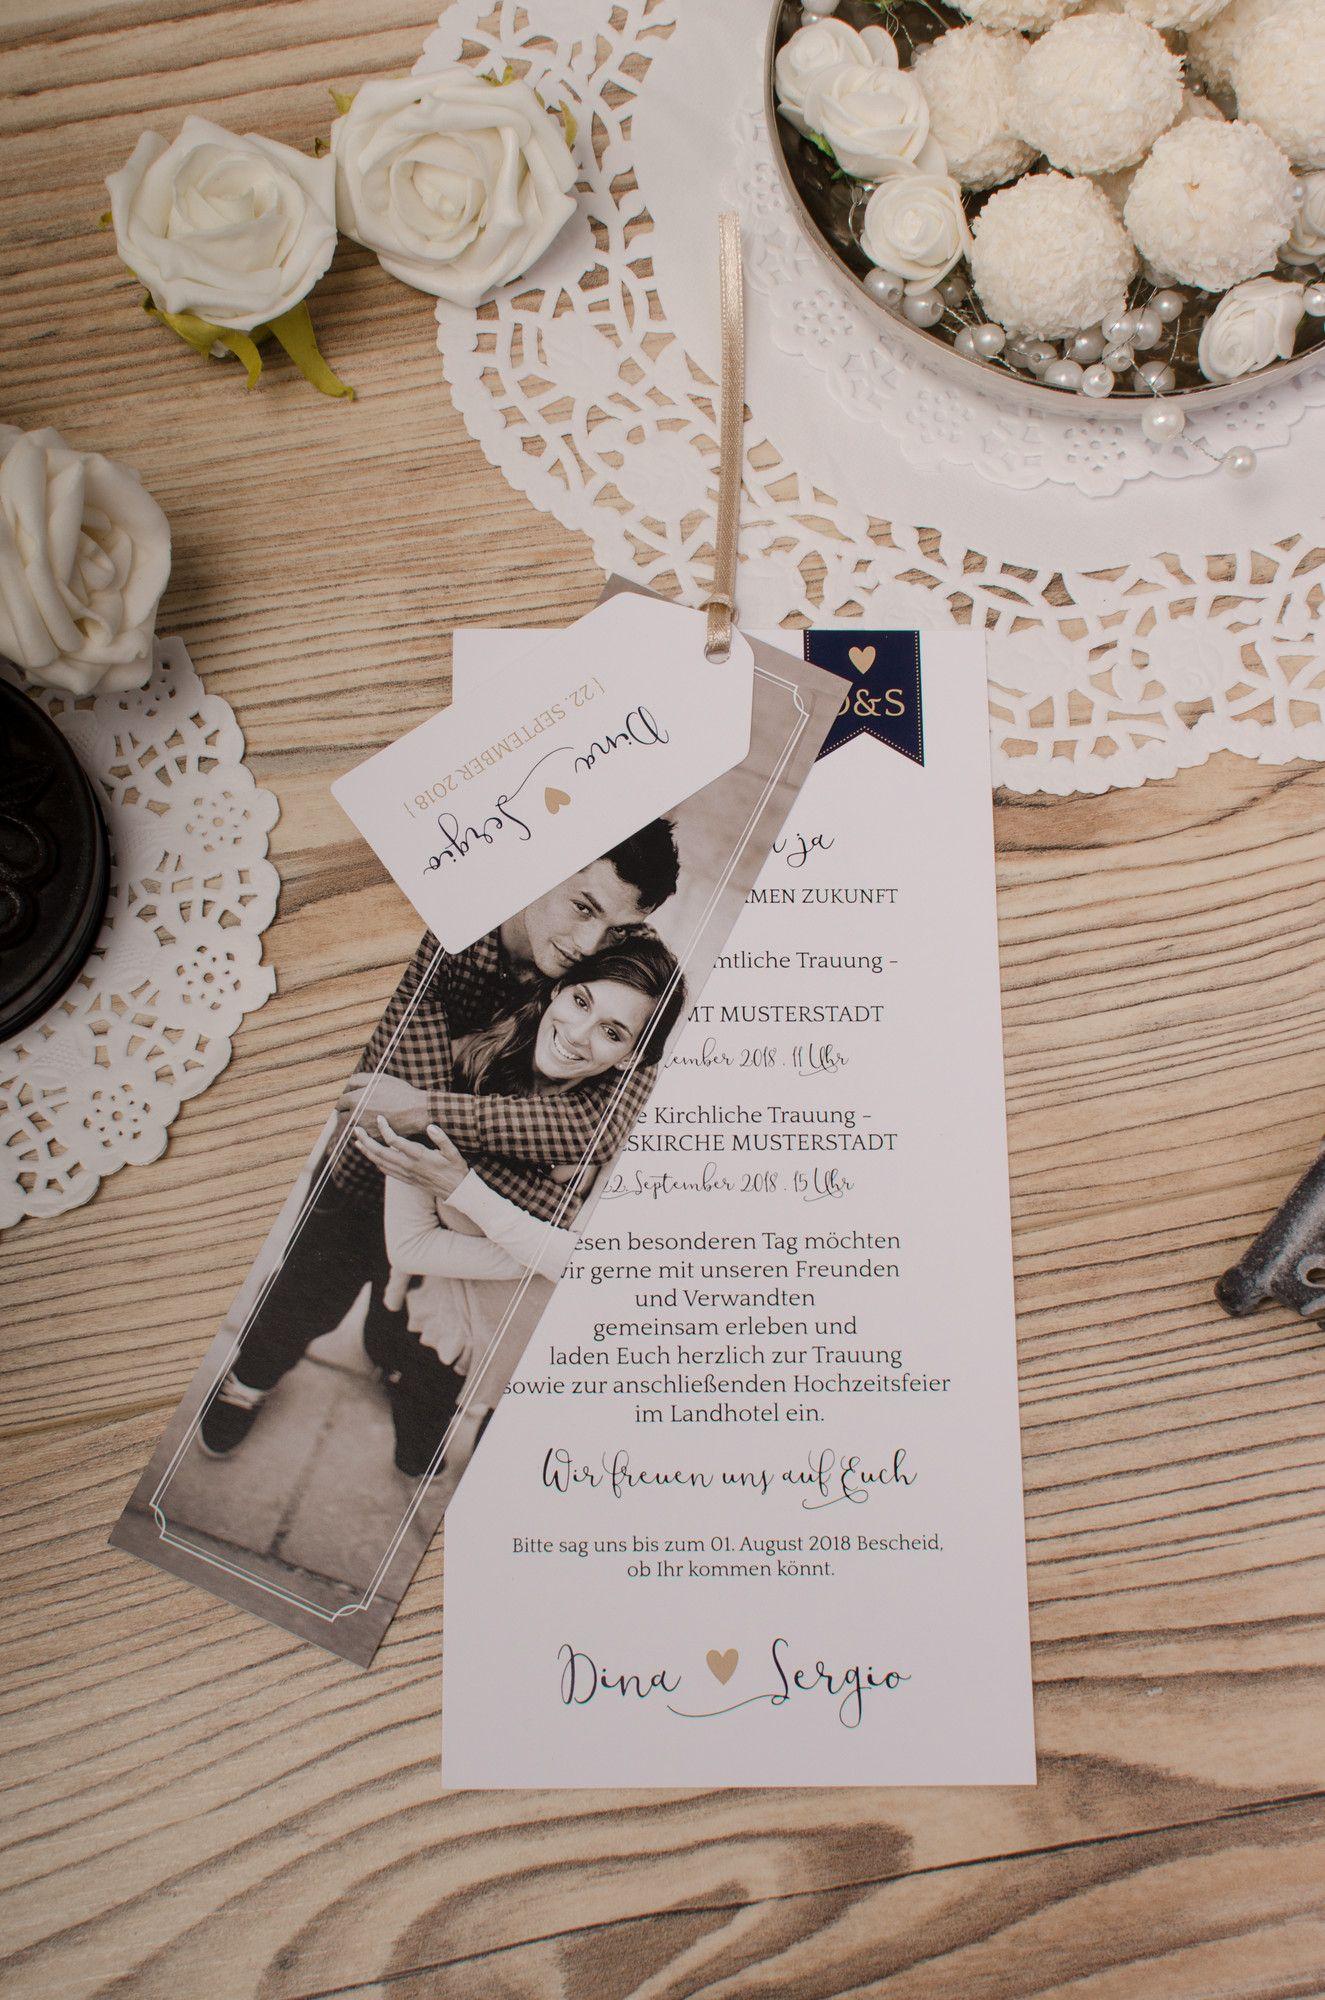 Dina Und Sergio Einladung Wedding Wedding Cards Und Wedding